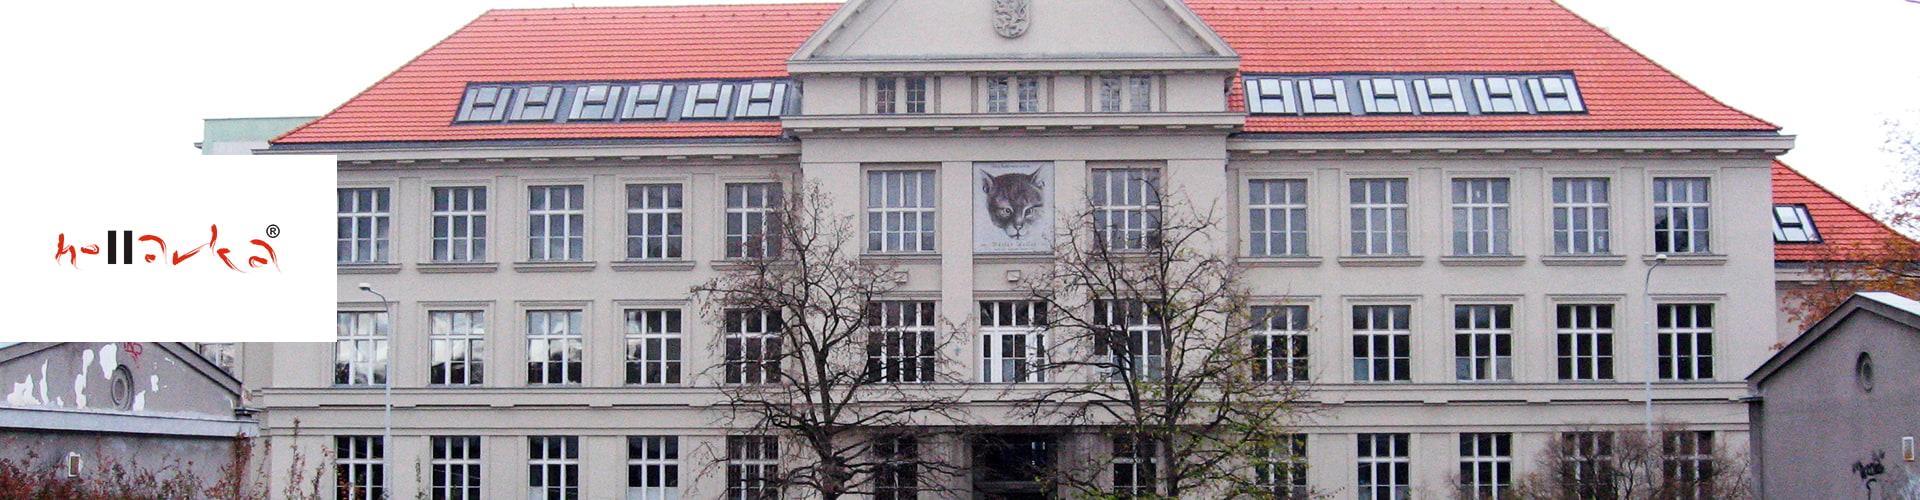 Художественная школа Вацлава Голлара «Hollarka» eurostudy